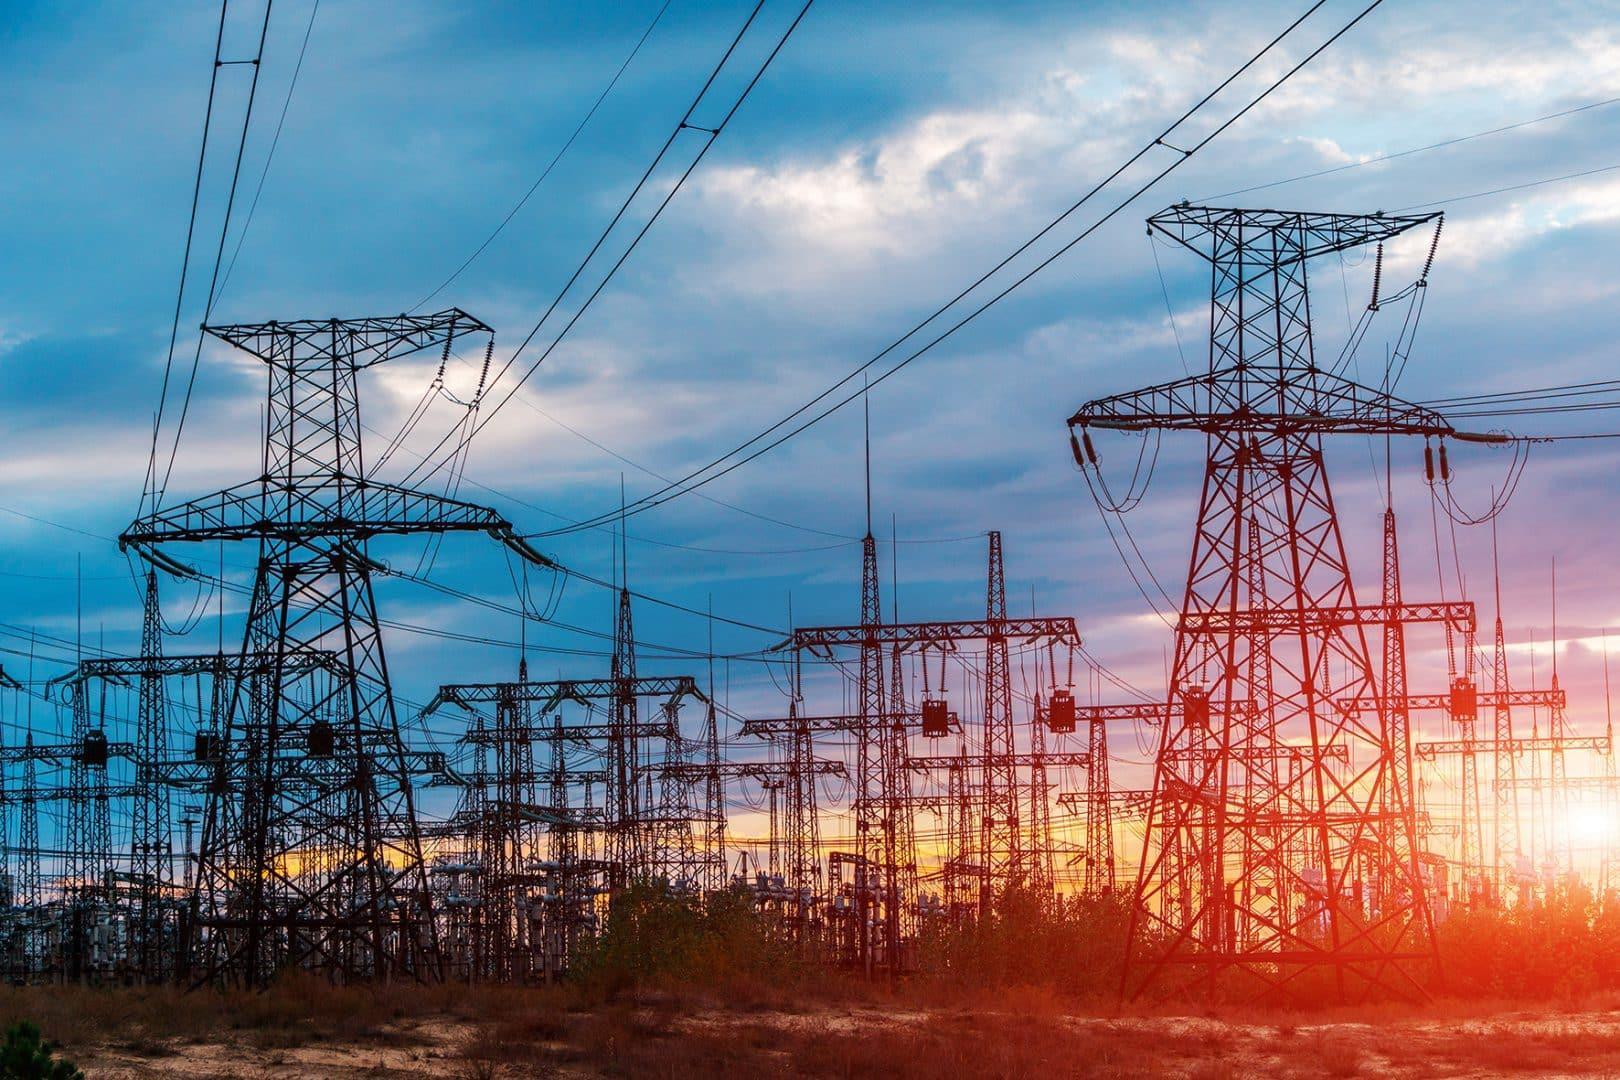 capacité effacement a doublé pour hiver 2021